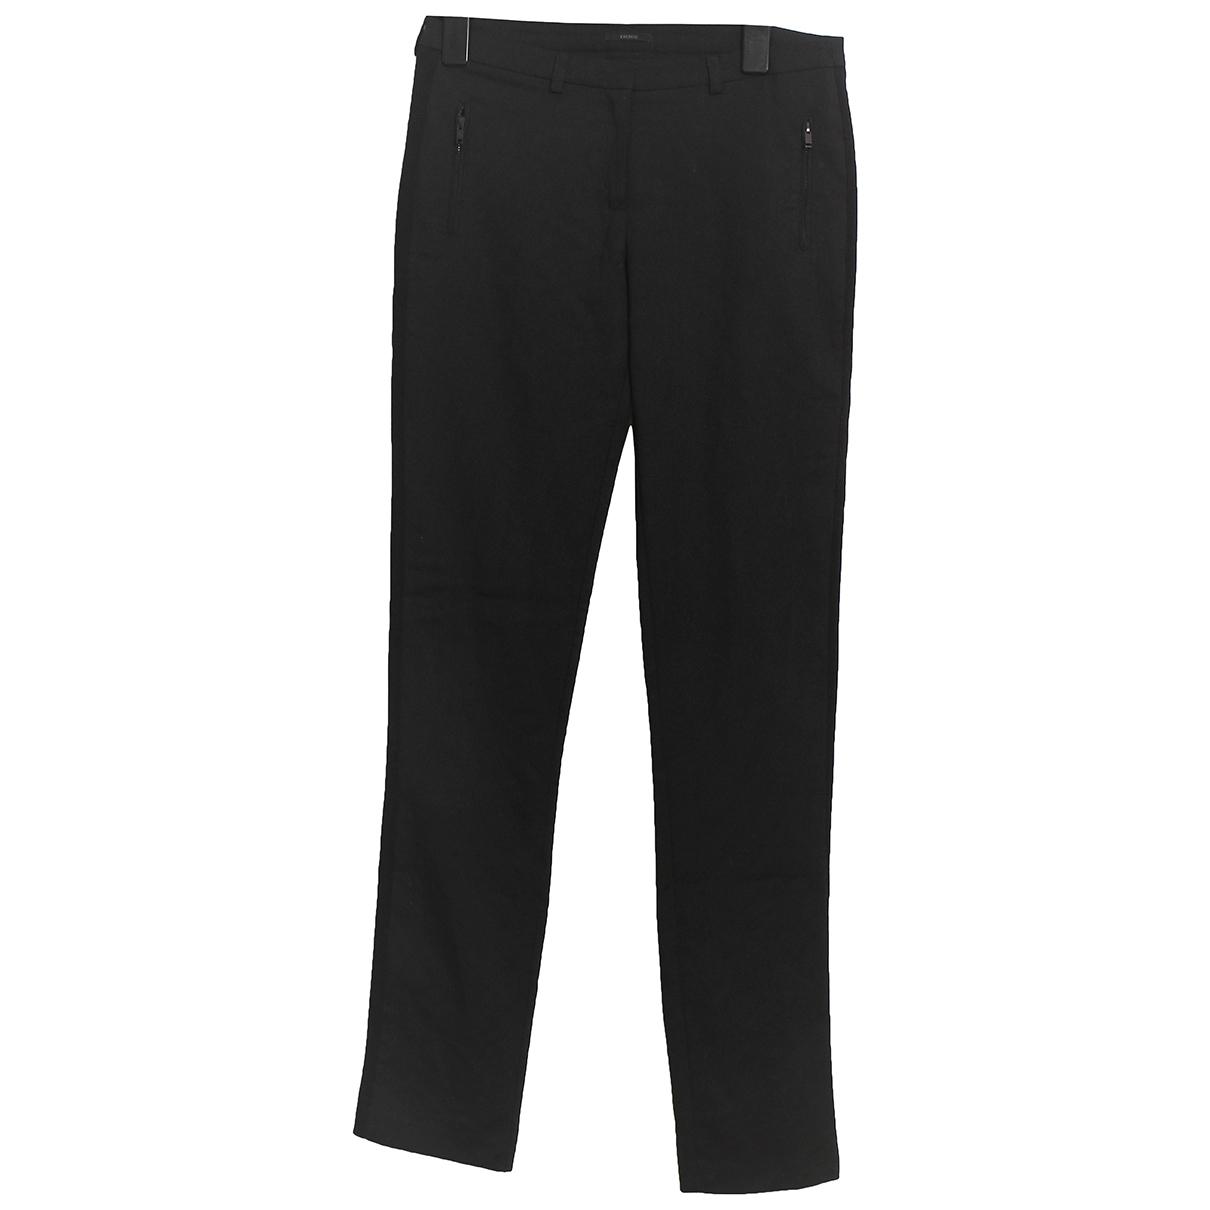 Ikks \N Black Trousers for Women 38 FR